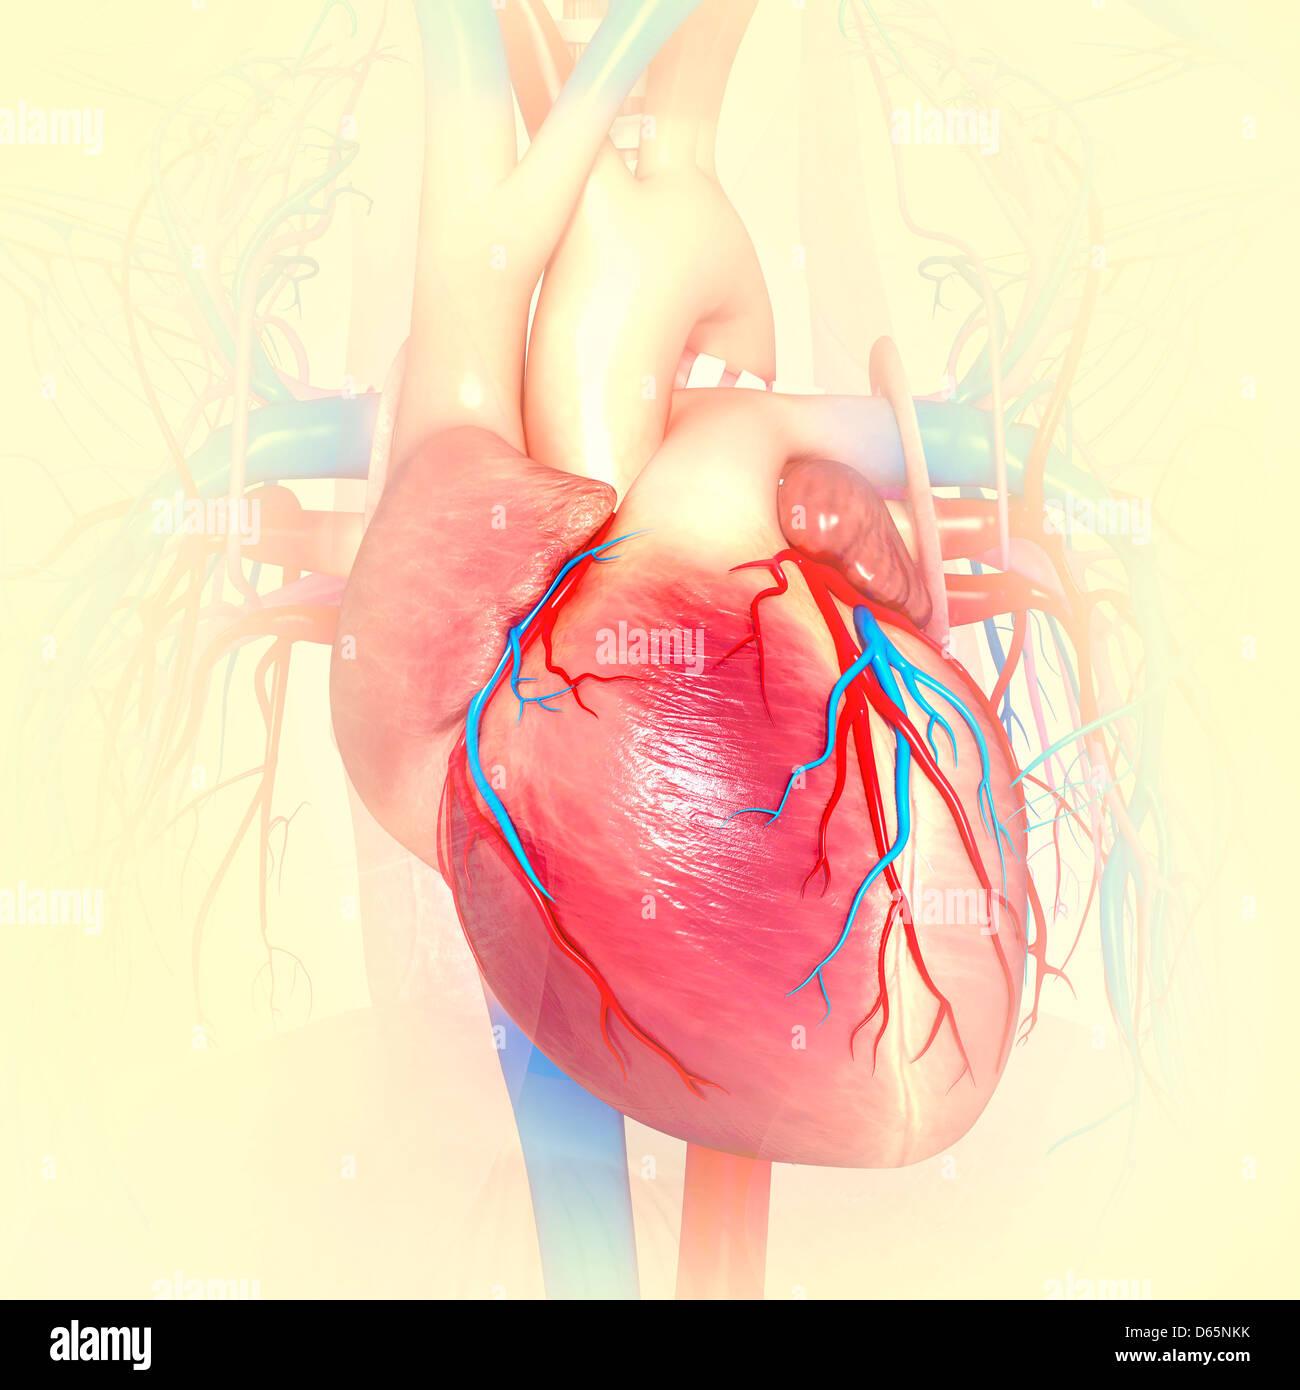 Fein Wo Ist Das Menschliche Herz Ideen - Menschliche Anatomie Bilder ...